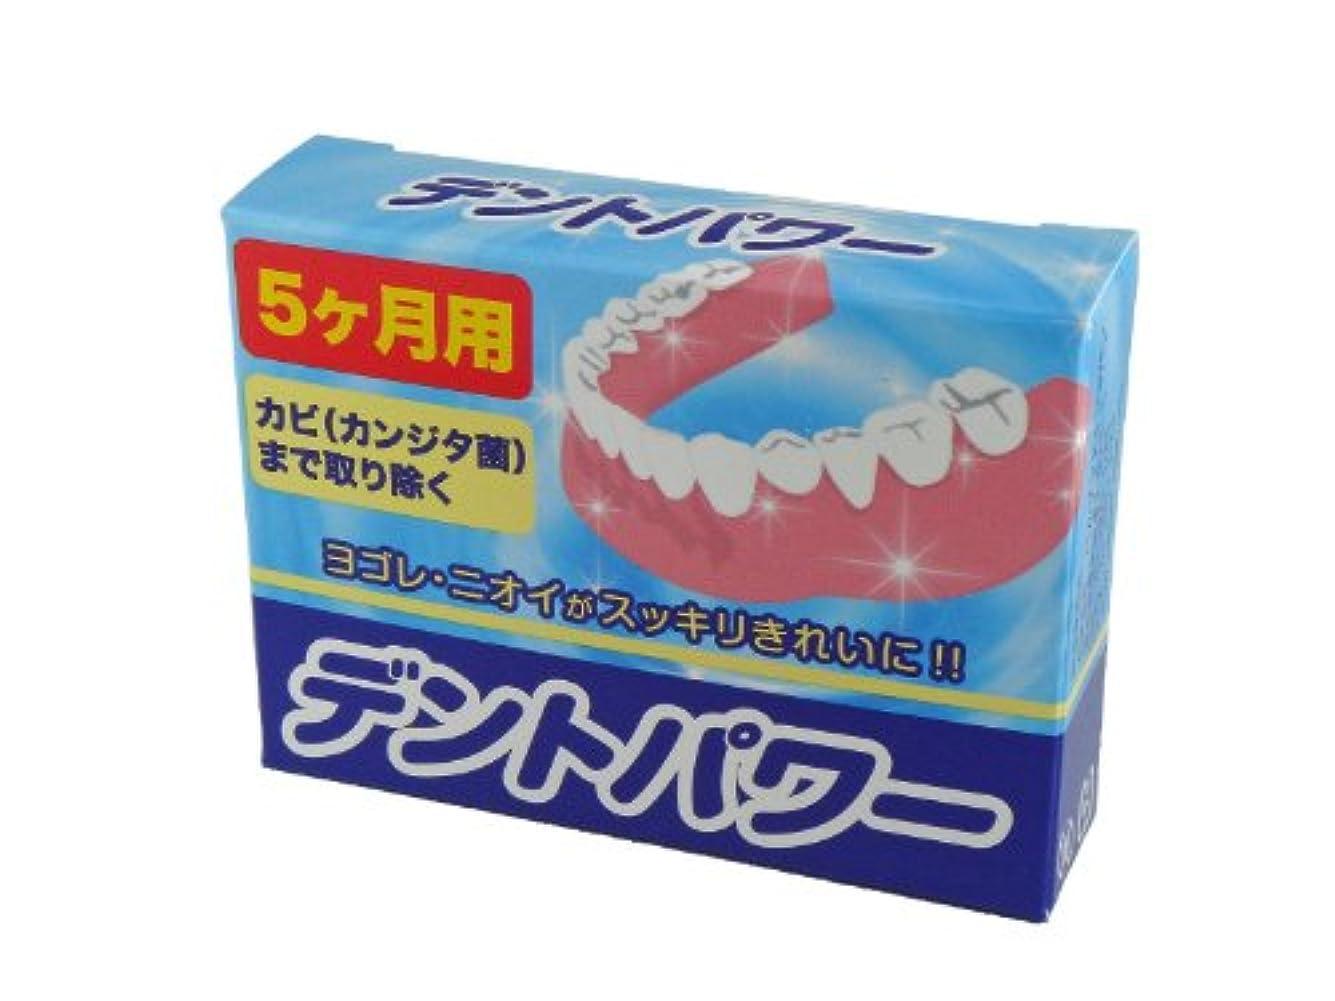 ベリー論理にはまって入れ歯洗浄剤 デントパワー 5ヶ月用 20包入